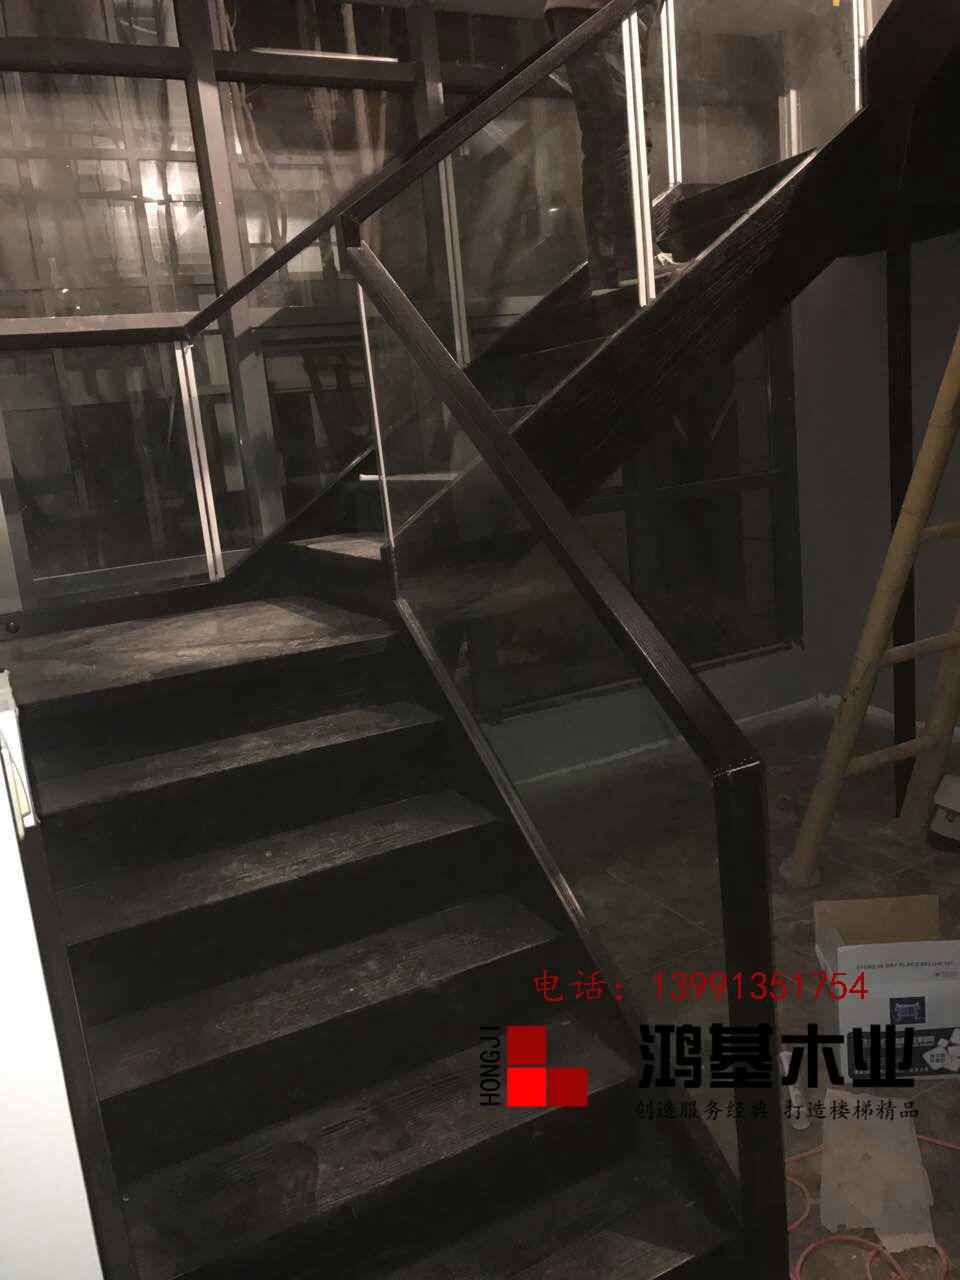 (西安市厂家直销实木楼梯)美国红橡木定制玻璃护栏实木楼梯-鸿基楼梯